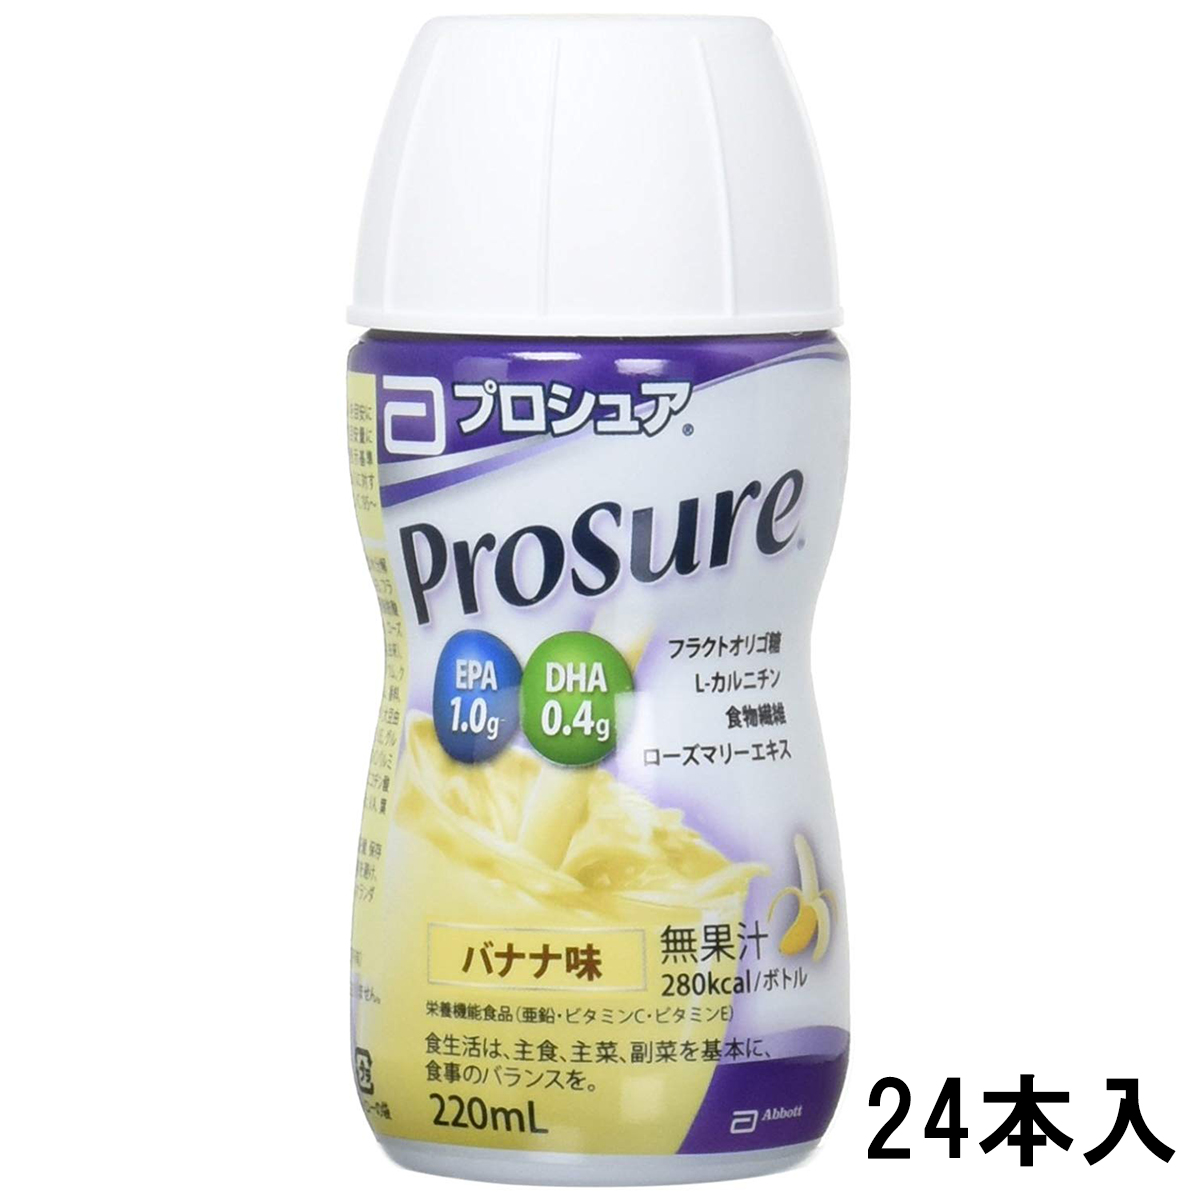 【本日ポイント5倍相当】アボットジャパン株式会社 プロシュア バナナ味 220ml×24本入(ボトルタイプ)【栄養機能食品(亜鉛・ビタミンC・ビタミンE)】(発送までに6-10日かかります)(ご注文後のキャンセルは出来ません)